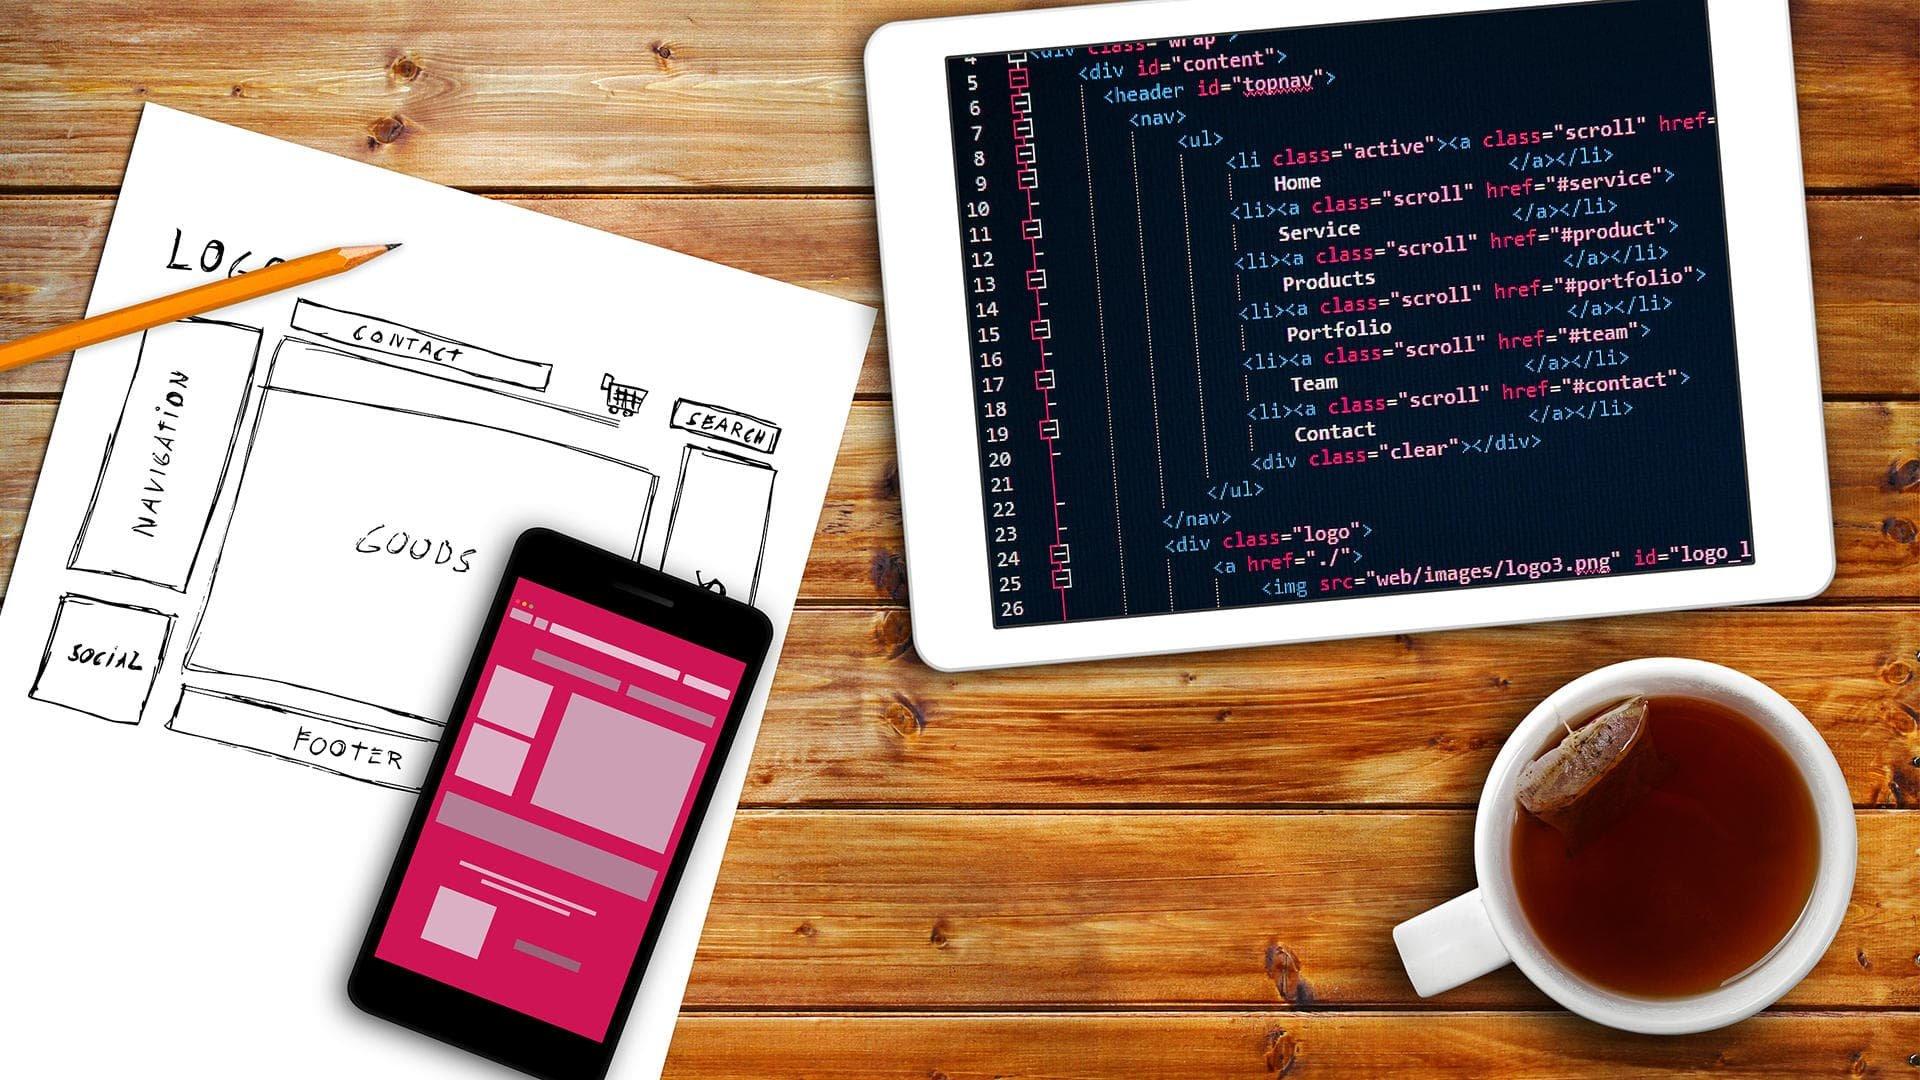 Создание сайтов в 2017 году: 10 трендов веб-дизайна, о которых стоит забыть